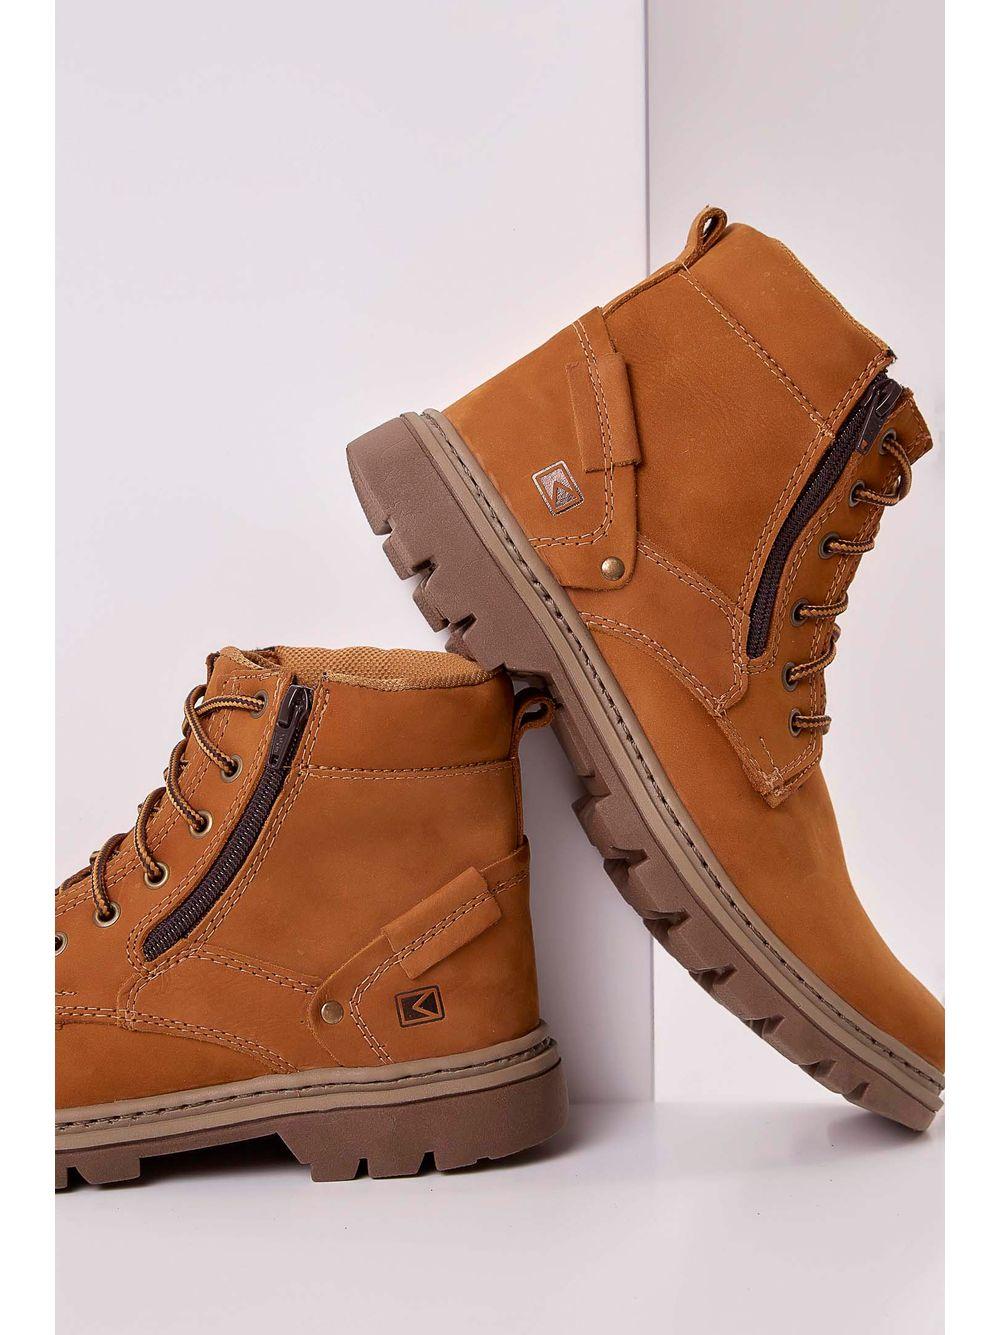 c89564de43 Bota Boots Company Couro Masculino Marrom - pittol